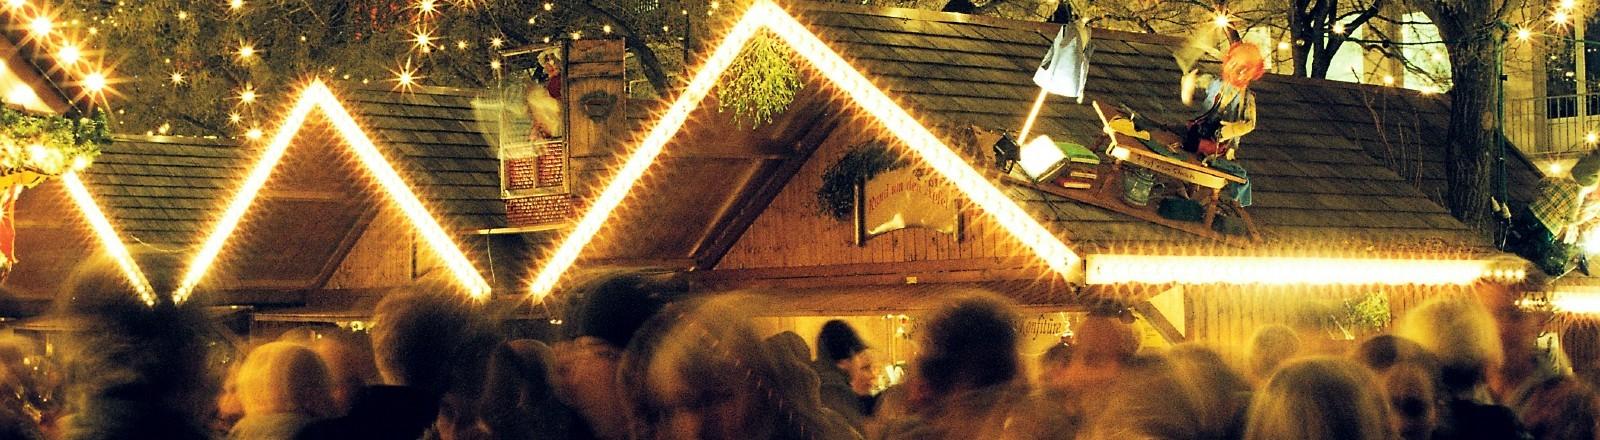 Beleuchtete Häuser auf einem Weihnachtsmarkt